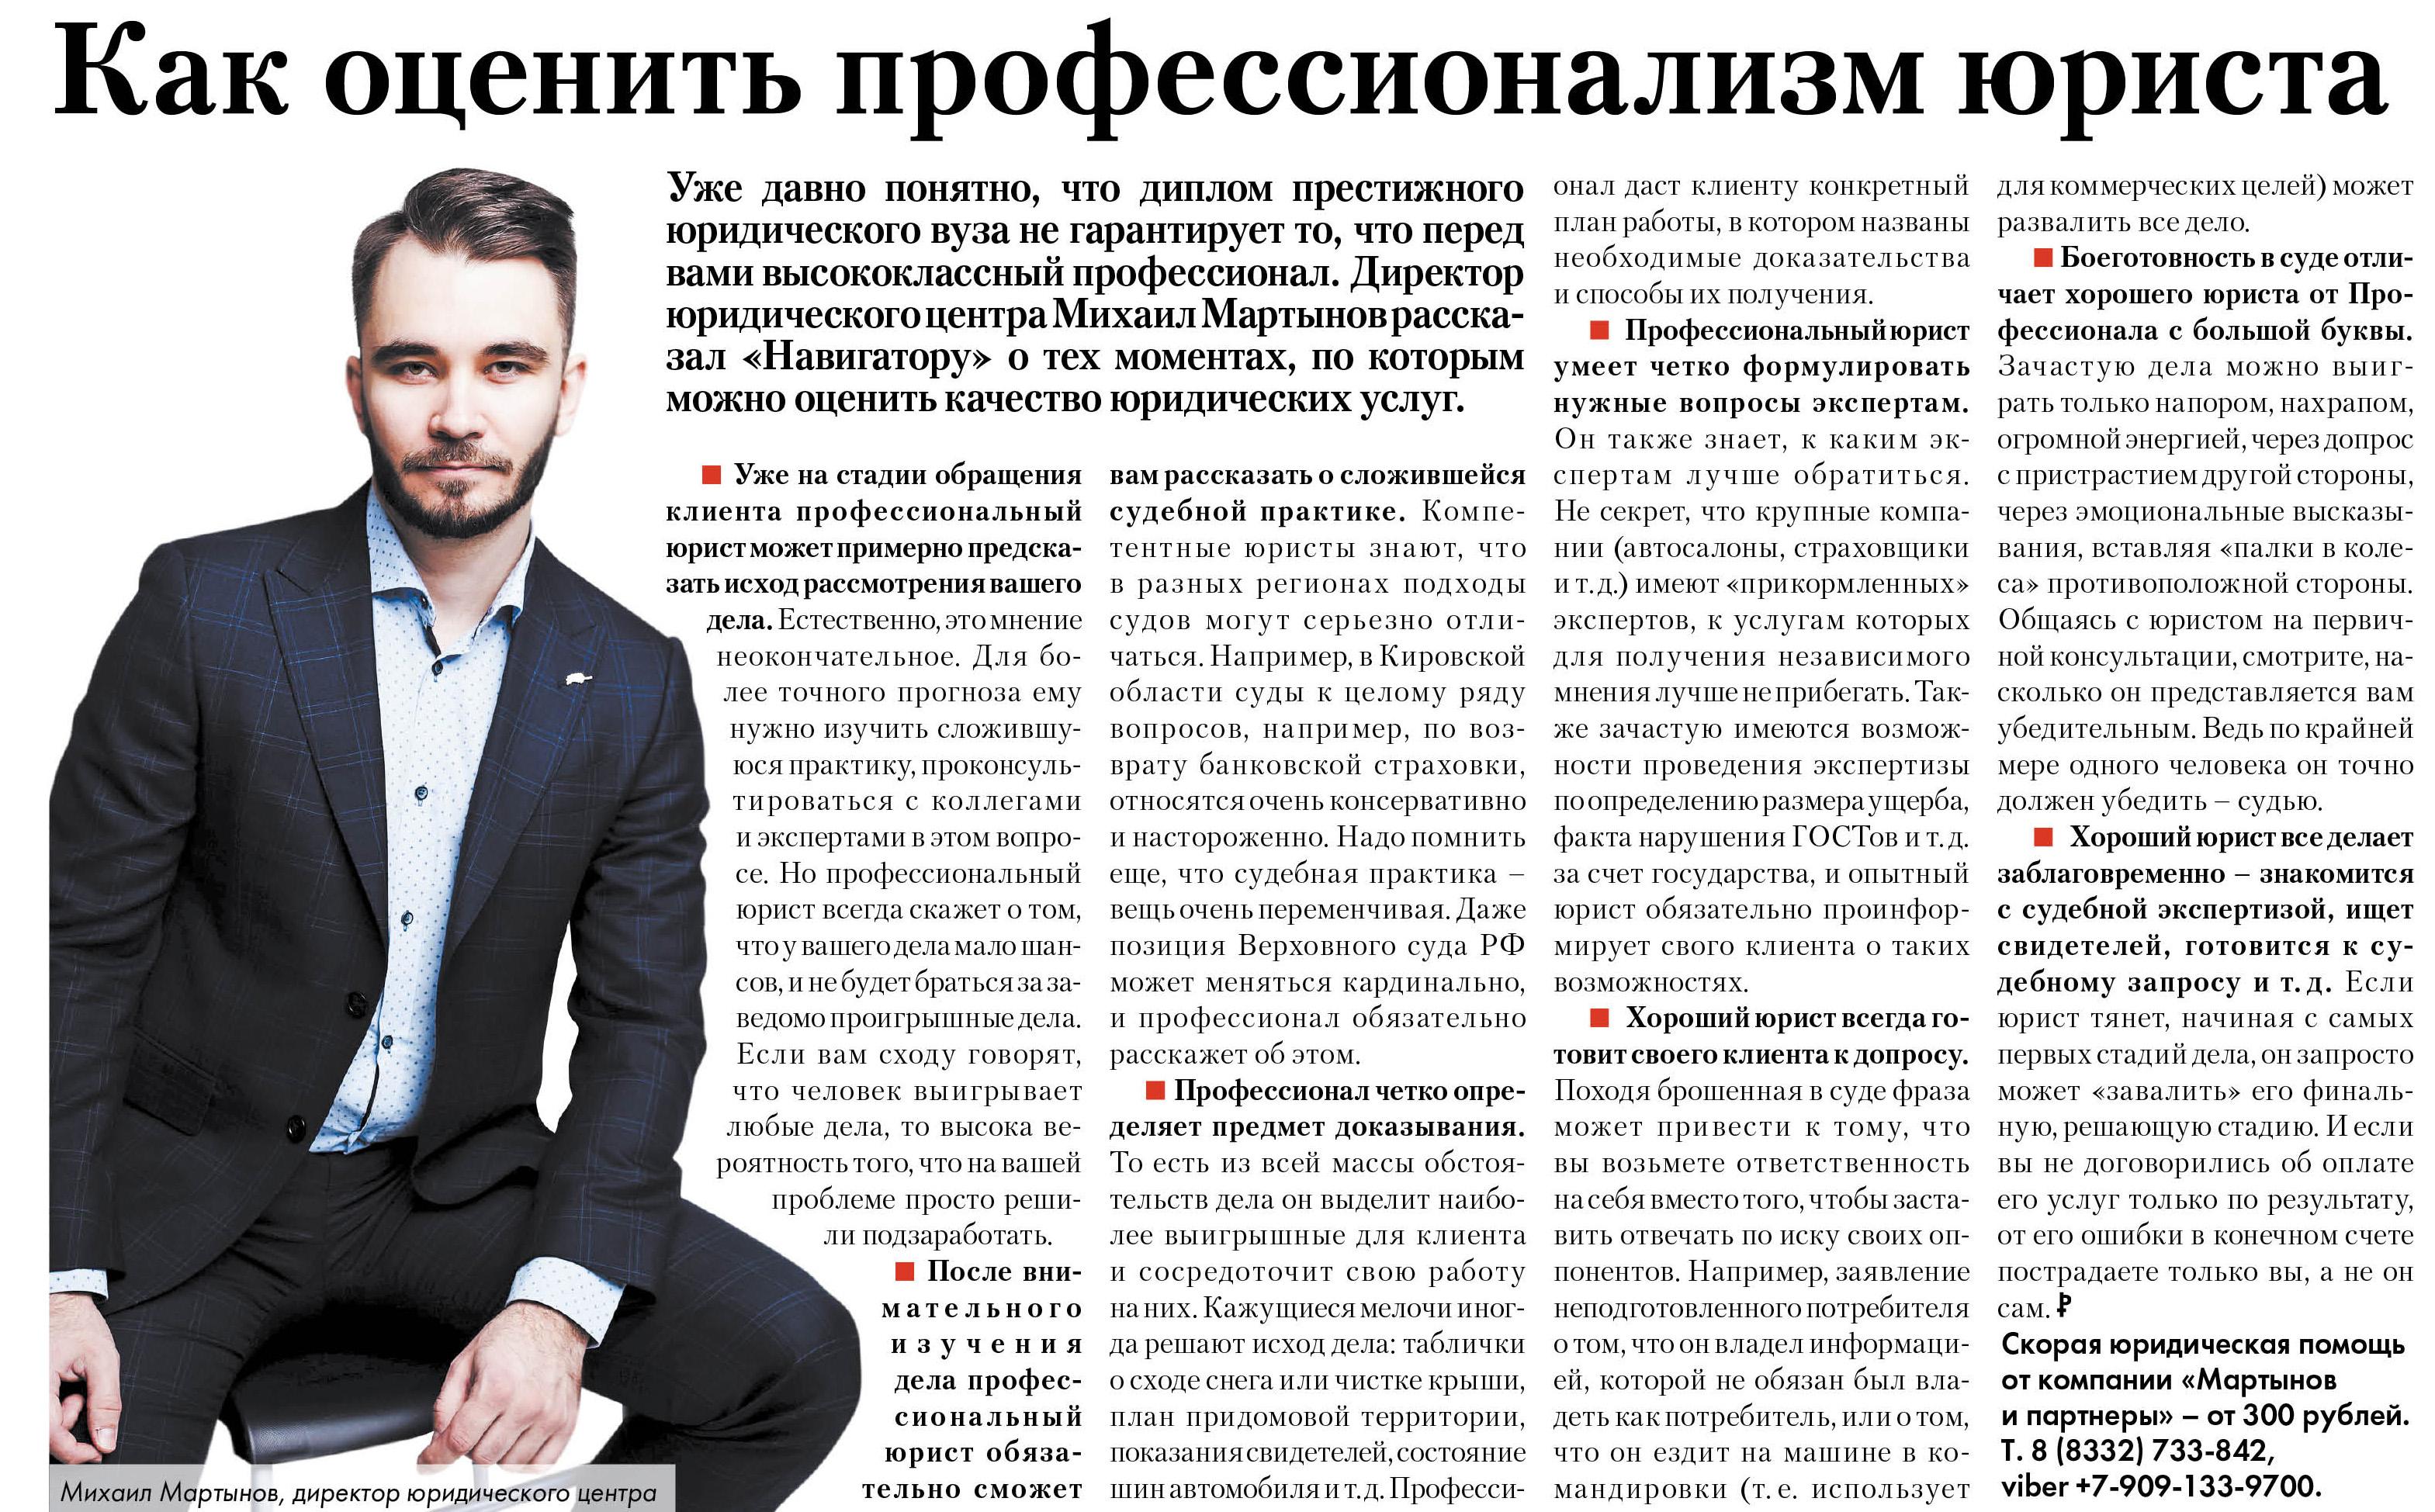 Бесплатная консультация юристов в кемерово